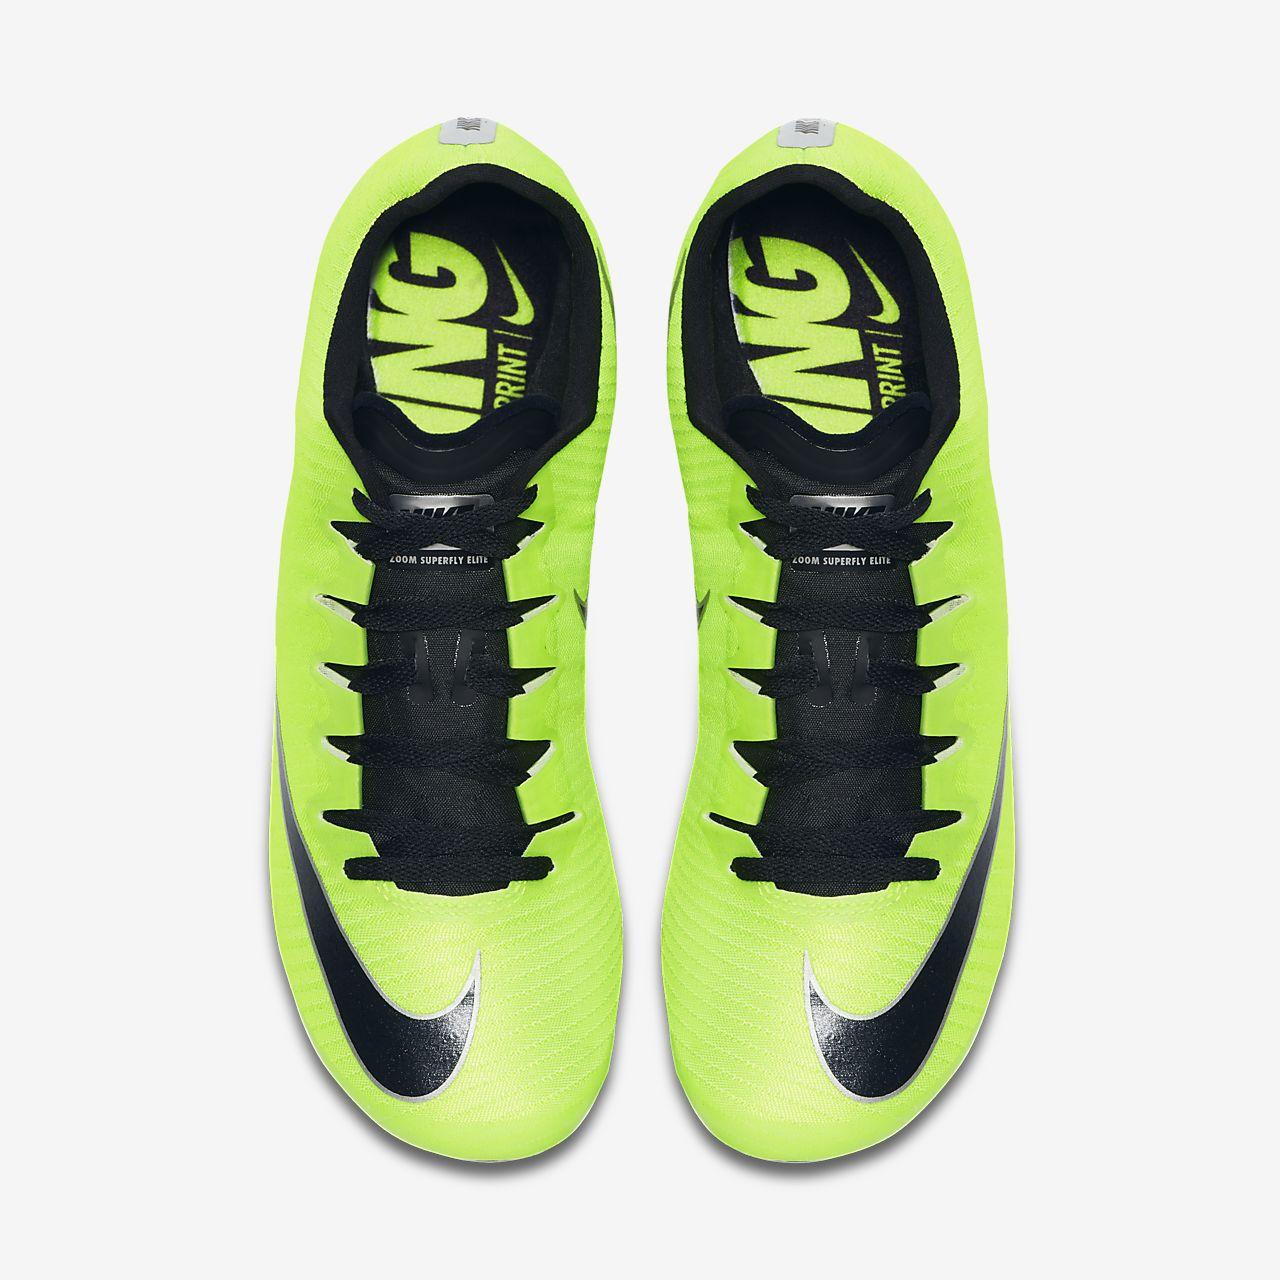 Zapatillas Clavos Nike Superfly Elite